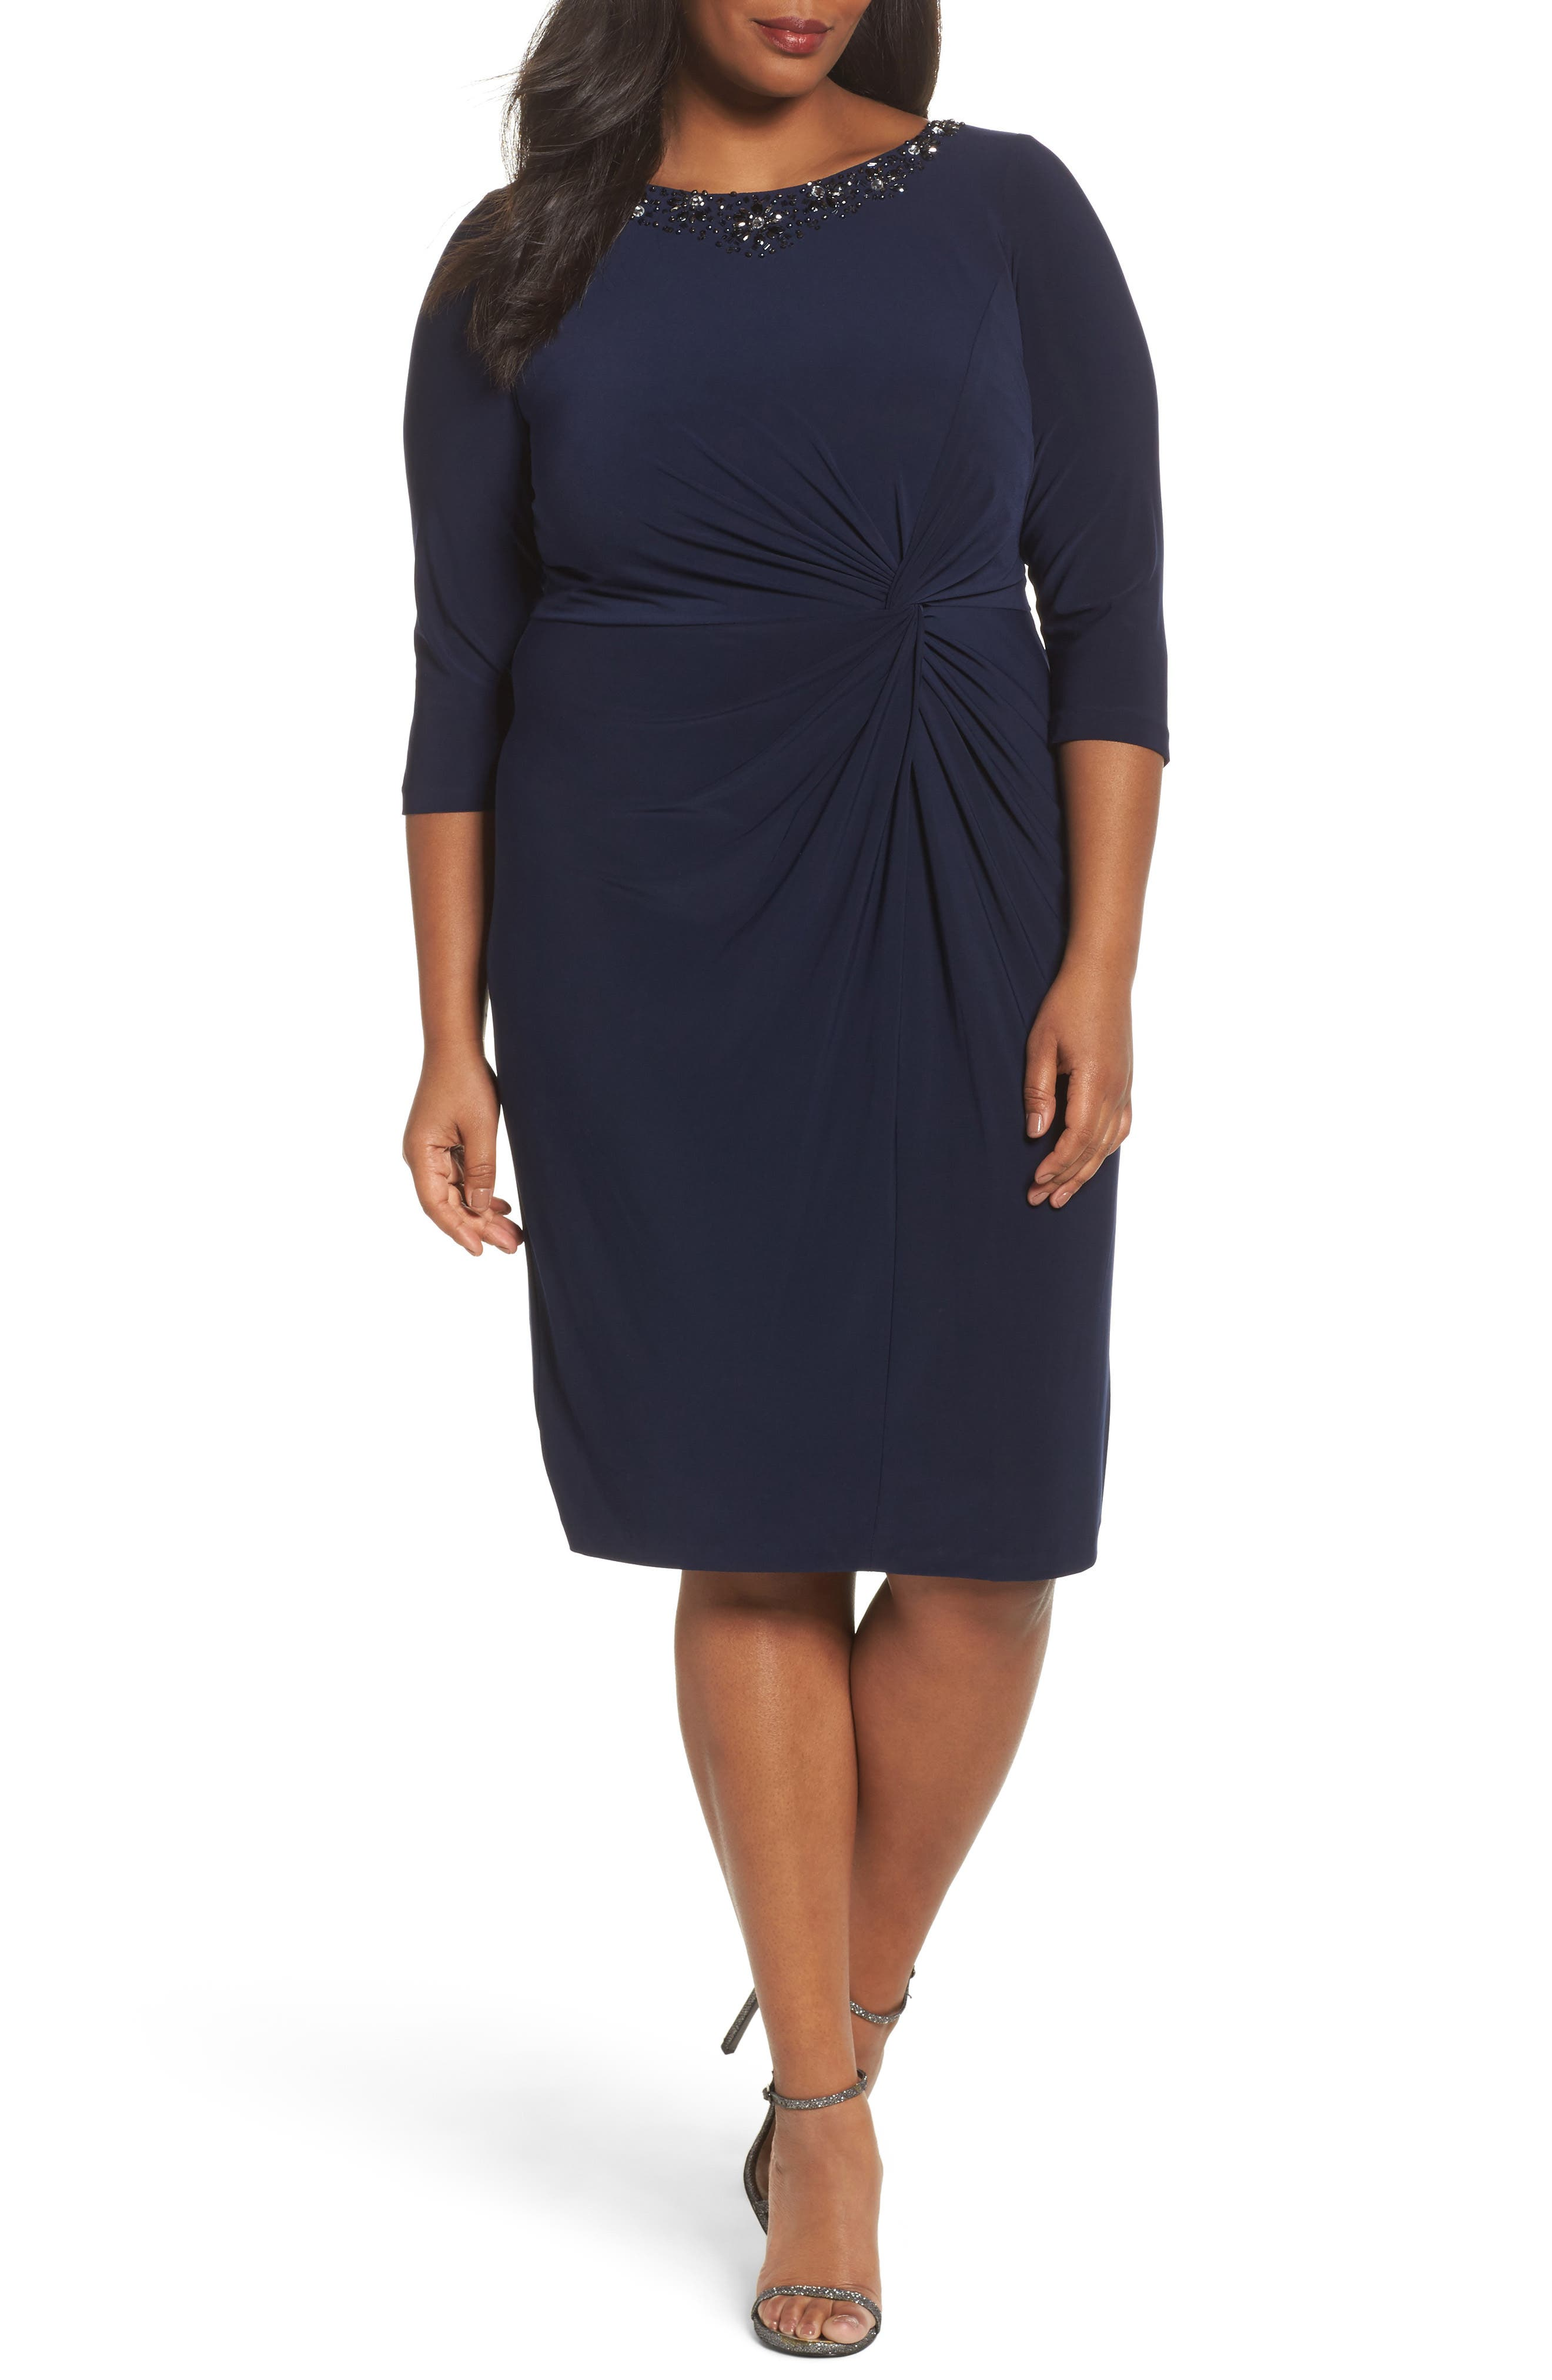 Main Image - Alex Evenings Jewel Neck Twist Front Shift Dress (Plus Size)